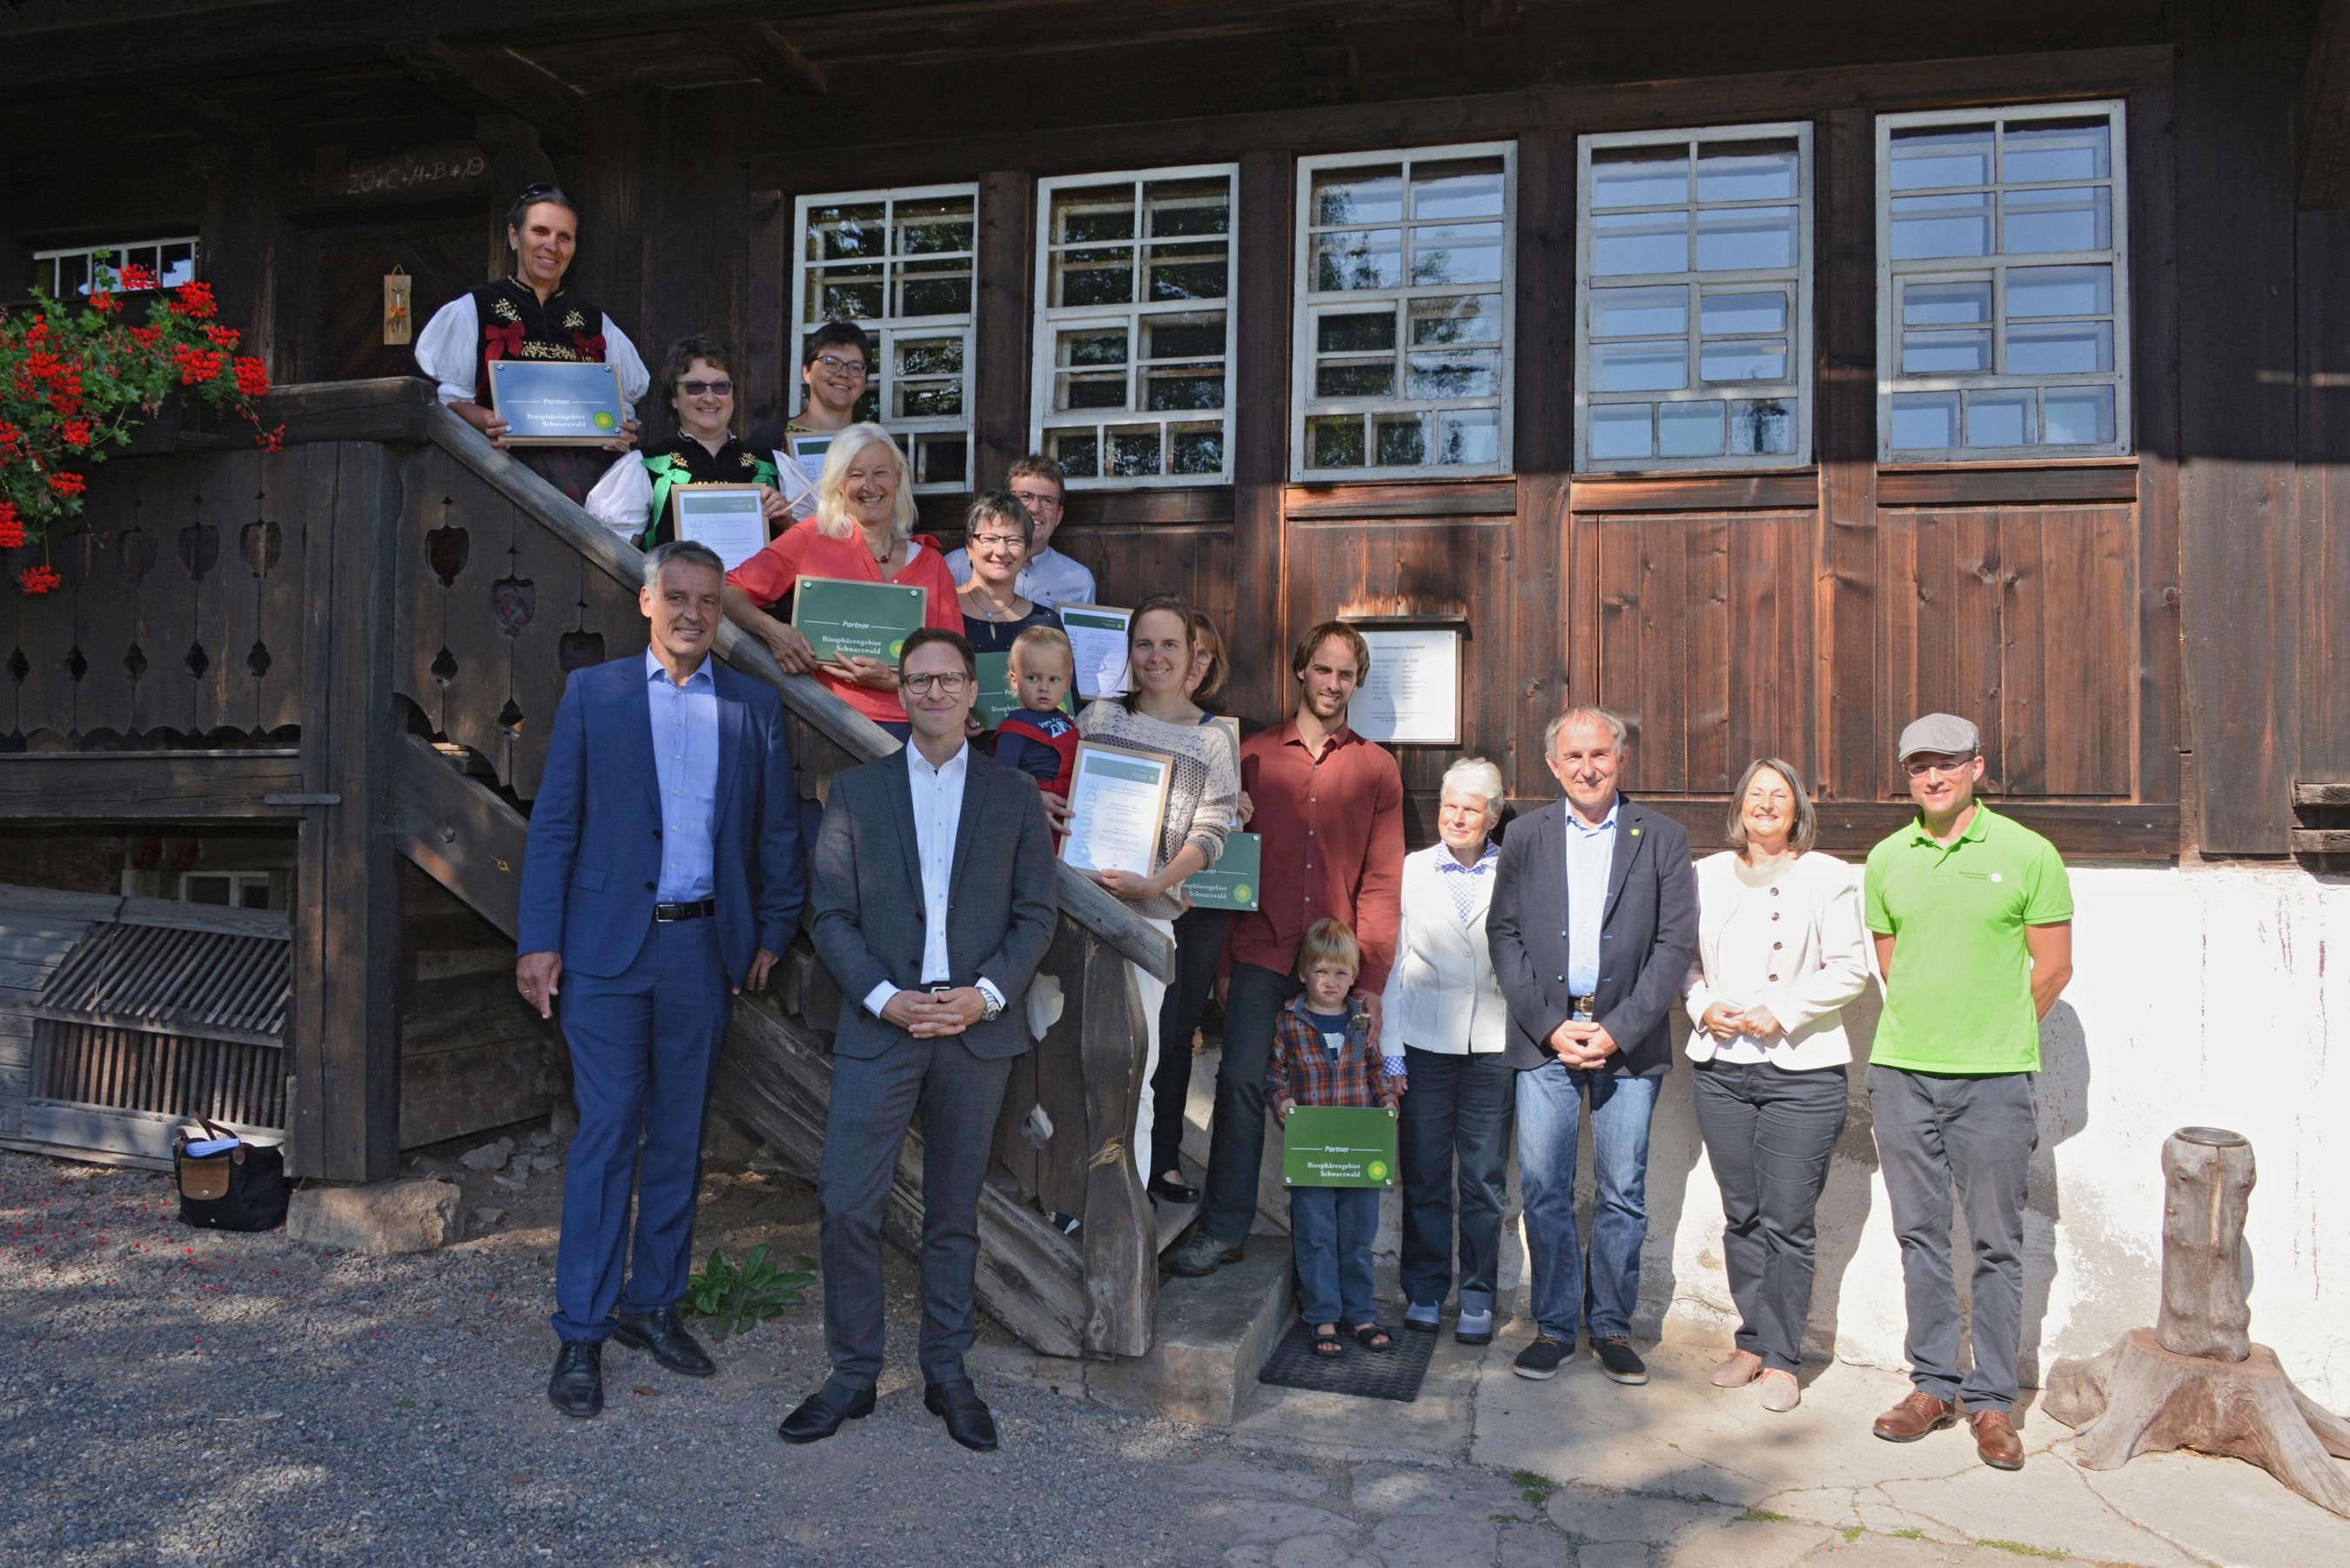 Urkunden für die ersten offiziellen Partnerbetriebe des Biosphärengebiets Schwarzwald